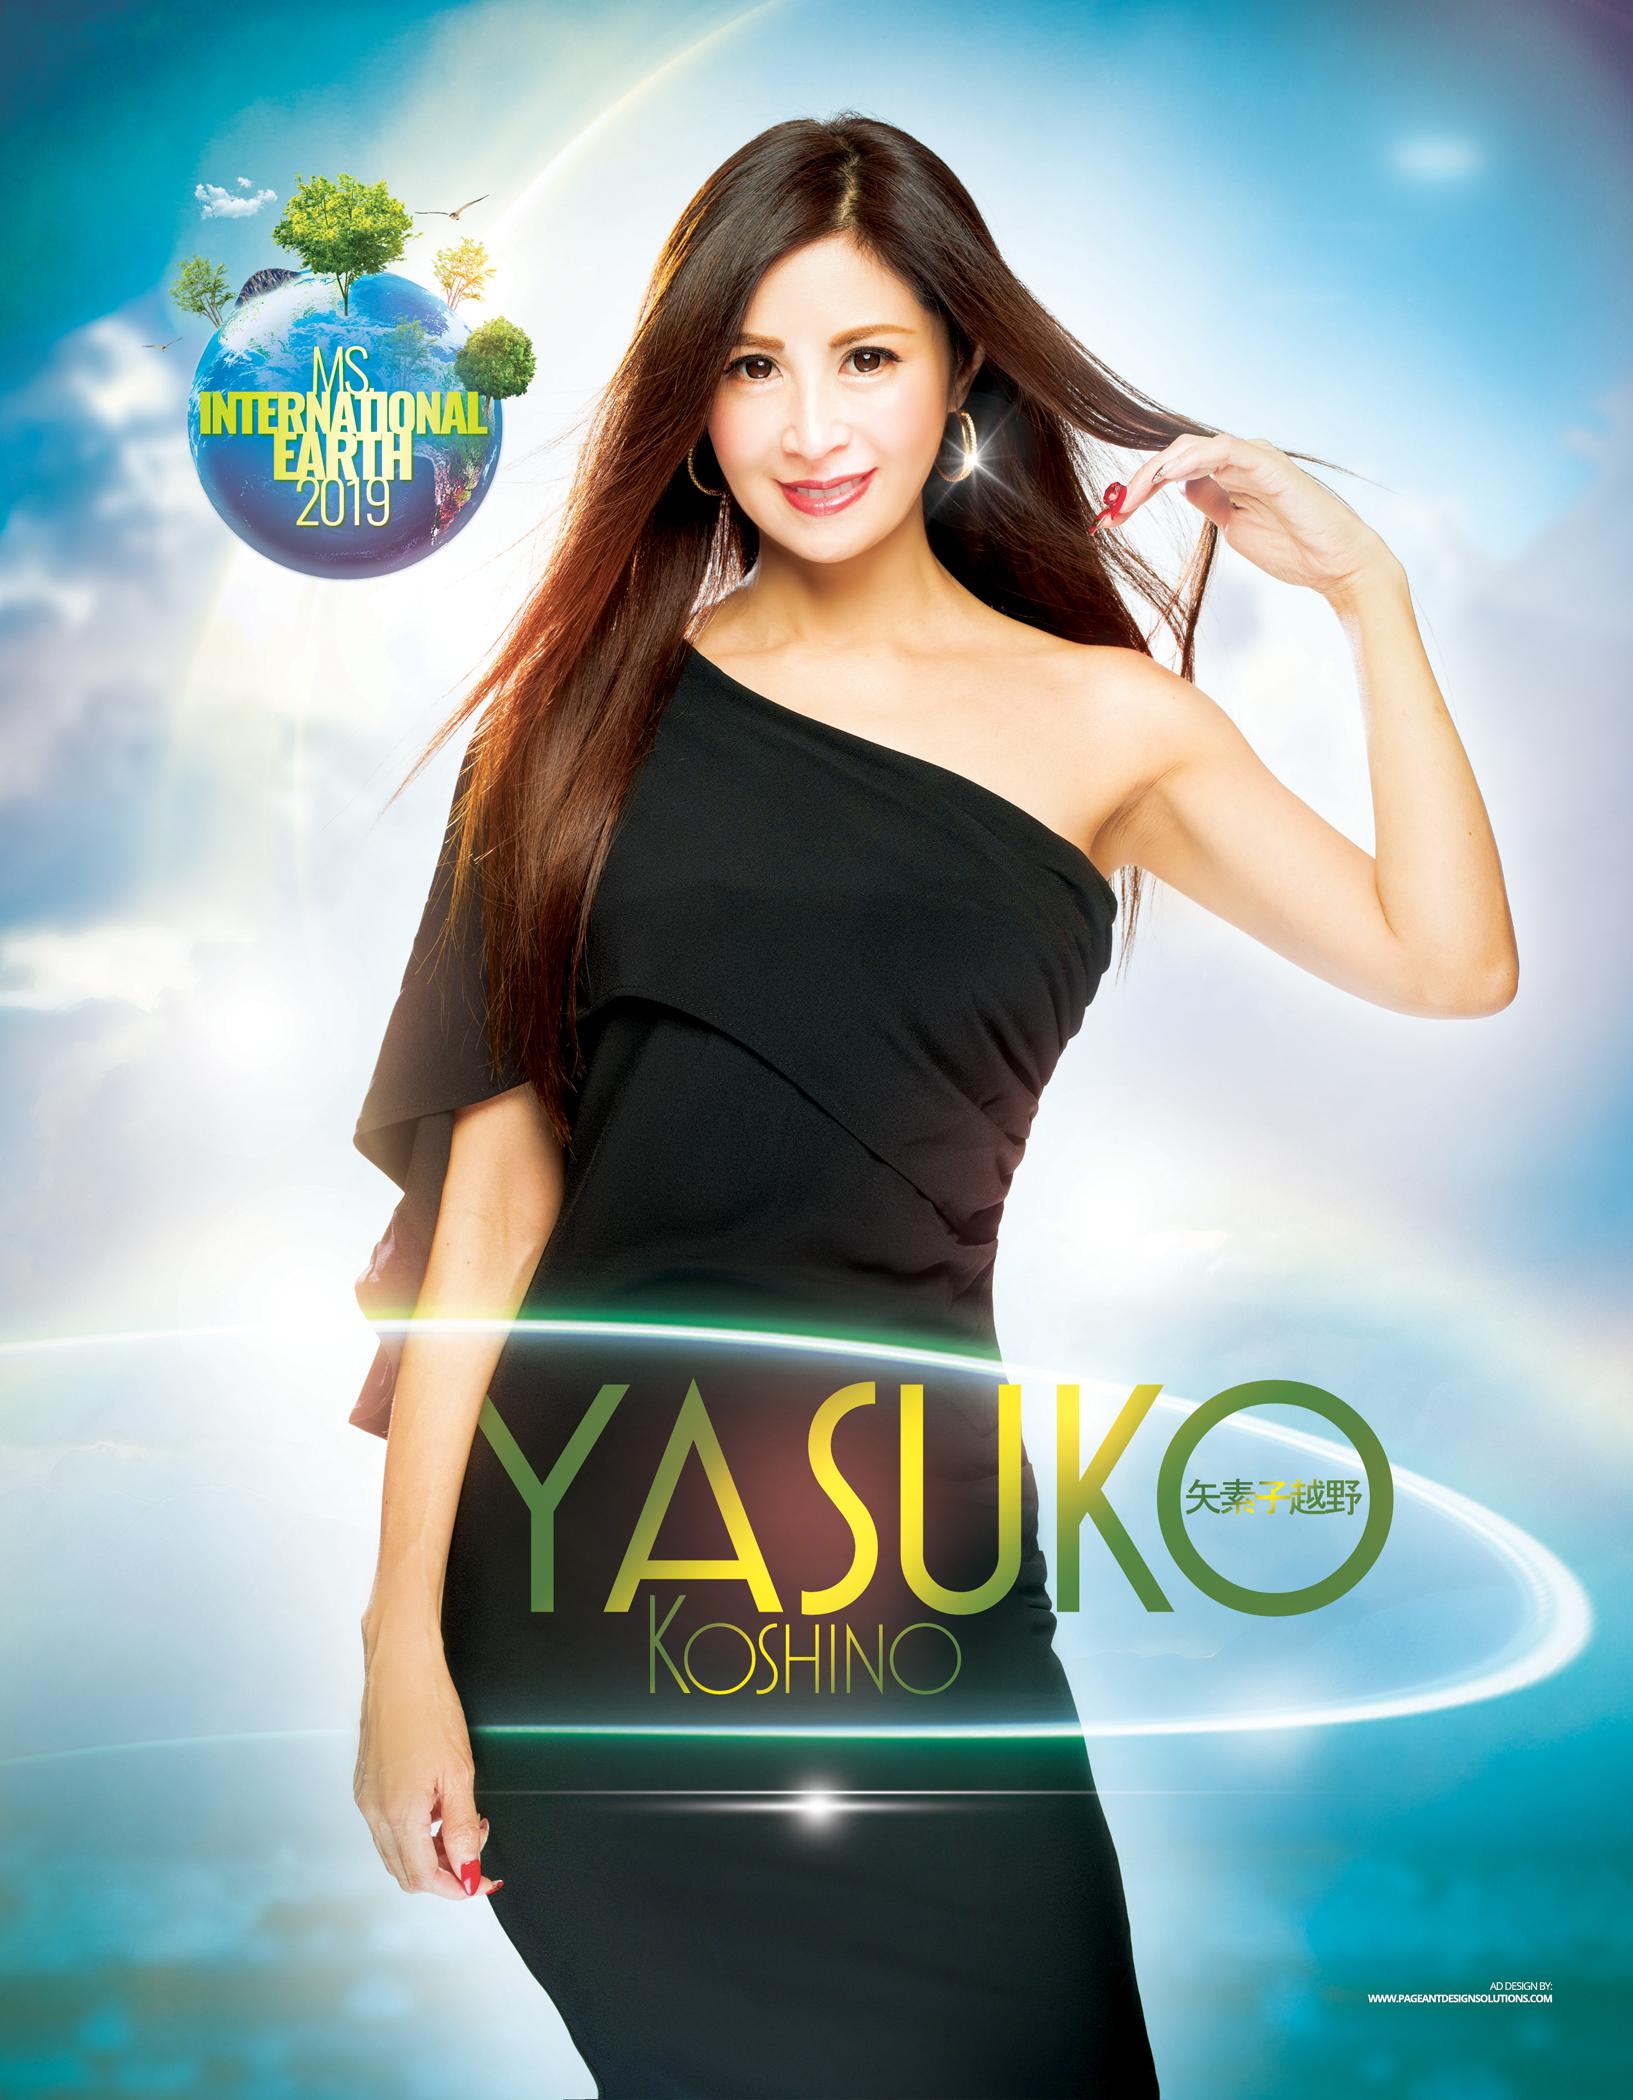 Koshino, Yasuko AD